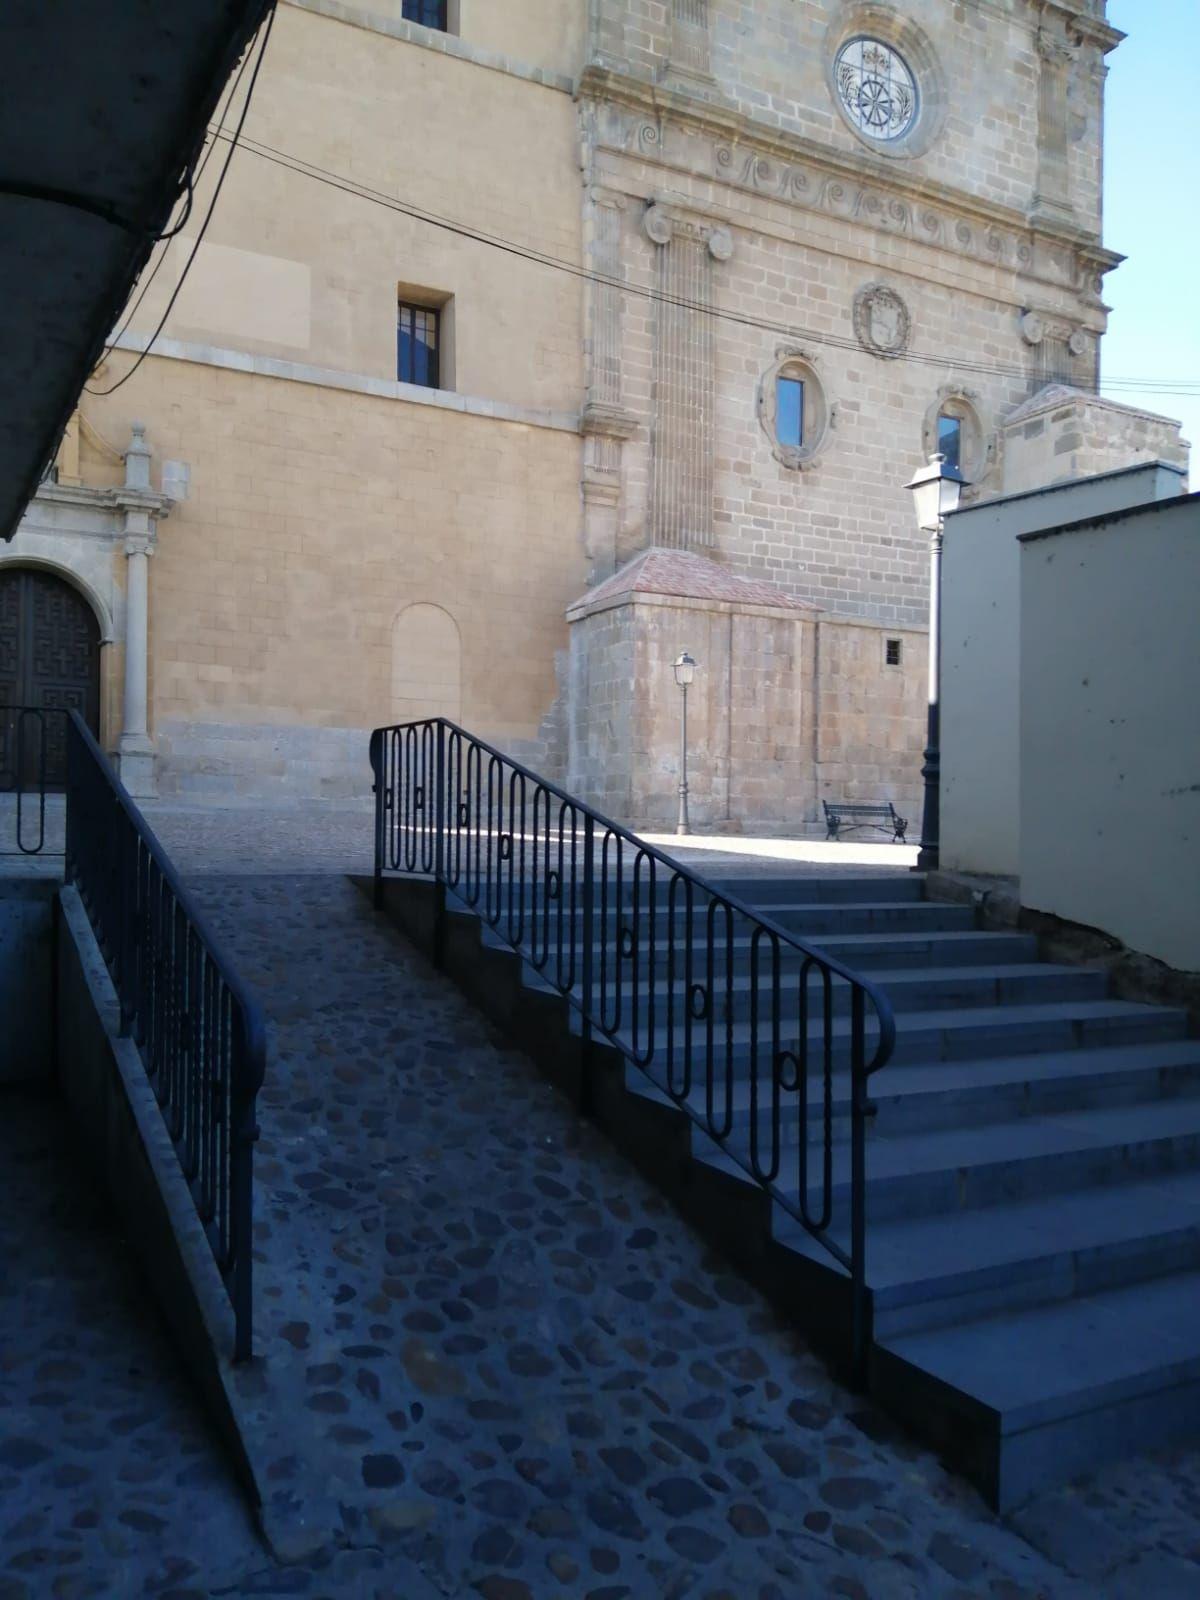 Piso en venta en Barrio de Santa Maria, Talavera de la Reina, Toledo, Calle San Gerónimo, 32.000 €, 3 habitaciones, 1 baño, 75 m2